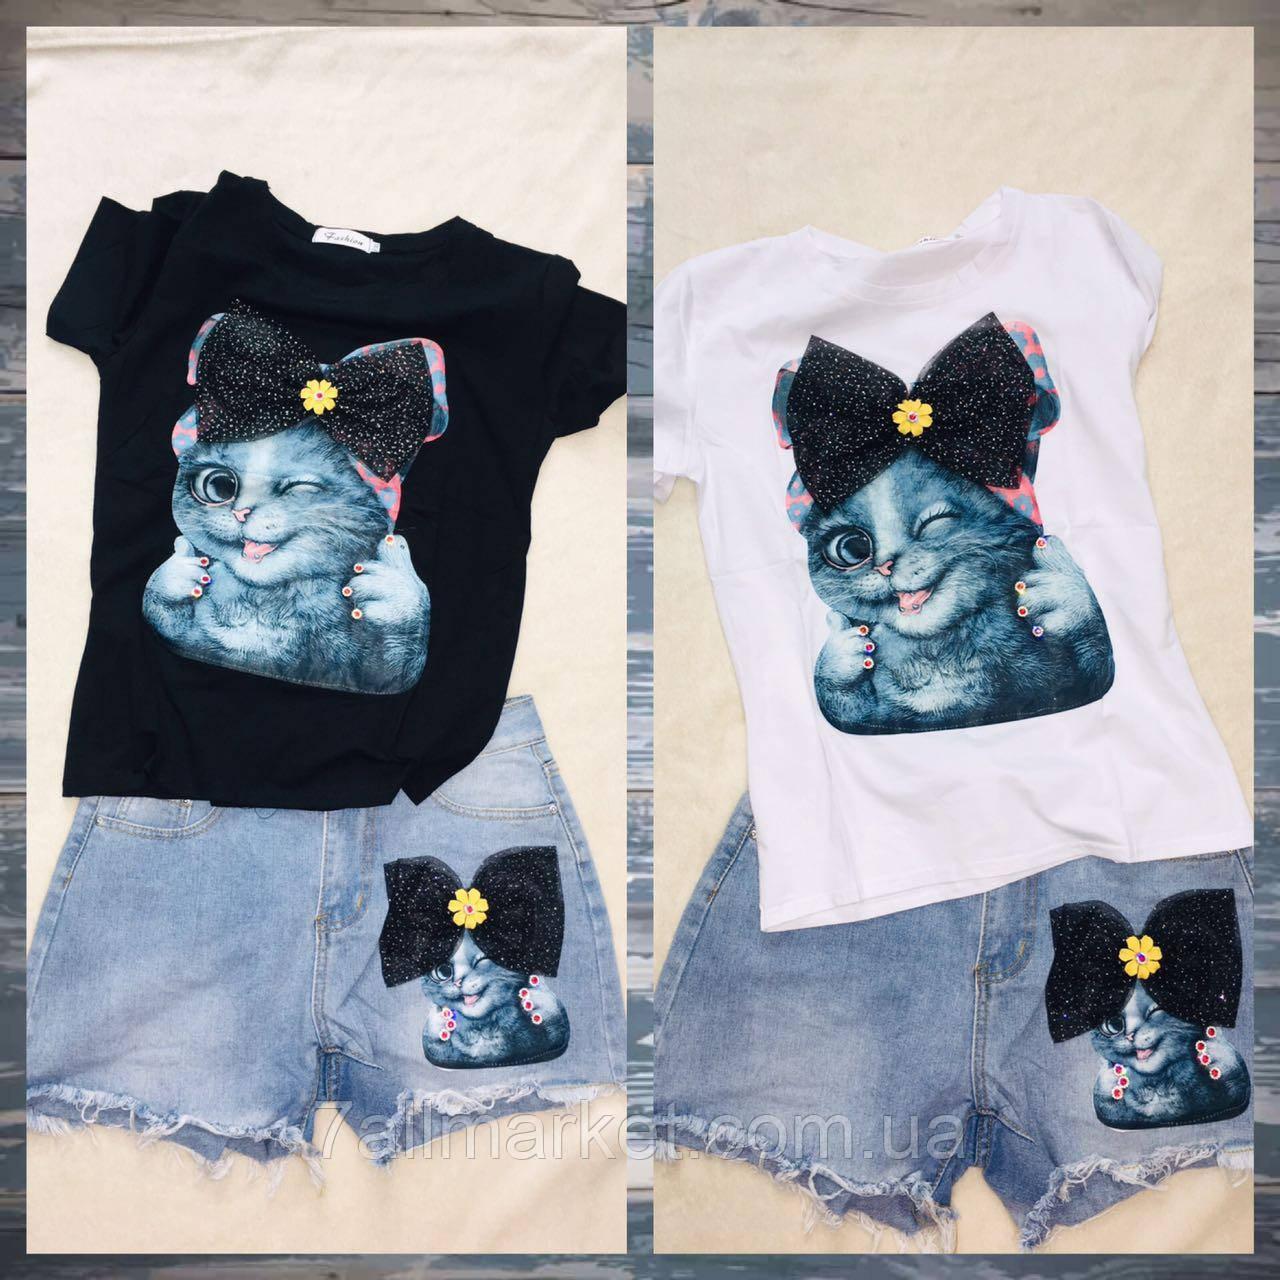 6a2f1d92d87b Костюм двойка женский шорты+футболка с 3D аппликаций р. L-2XL (2цв ...